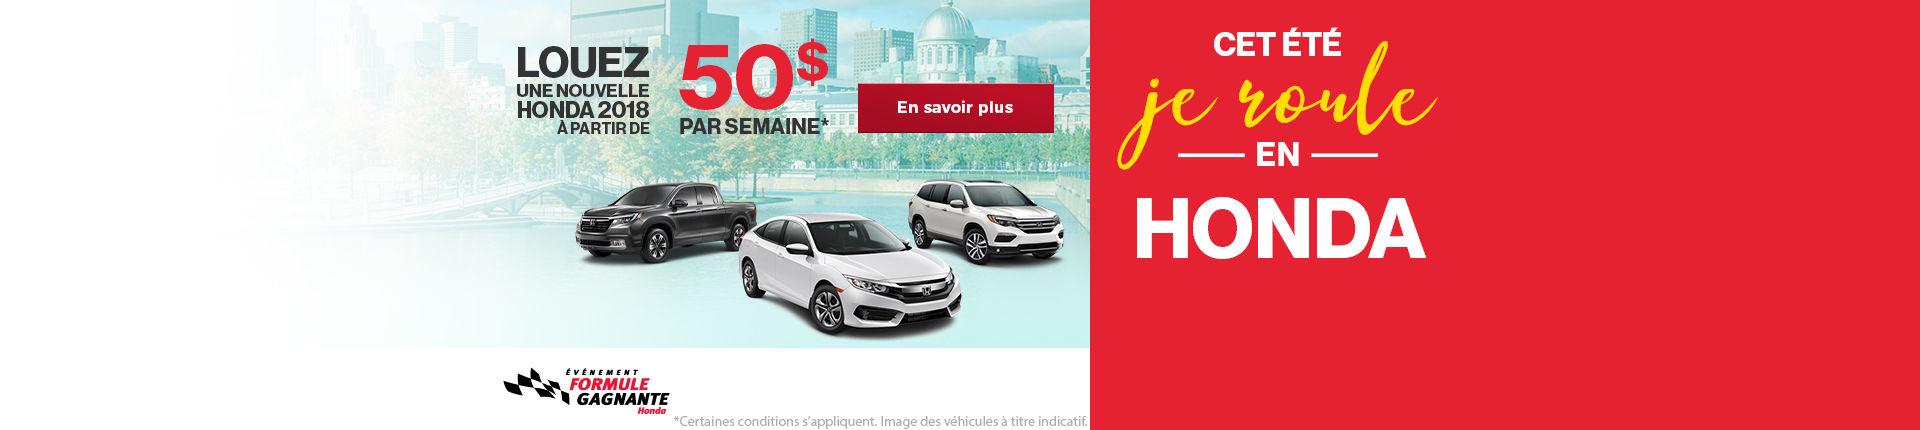 Événement formule gagnante Honda web